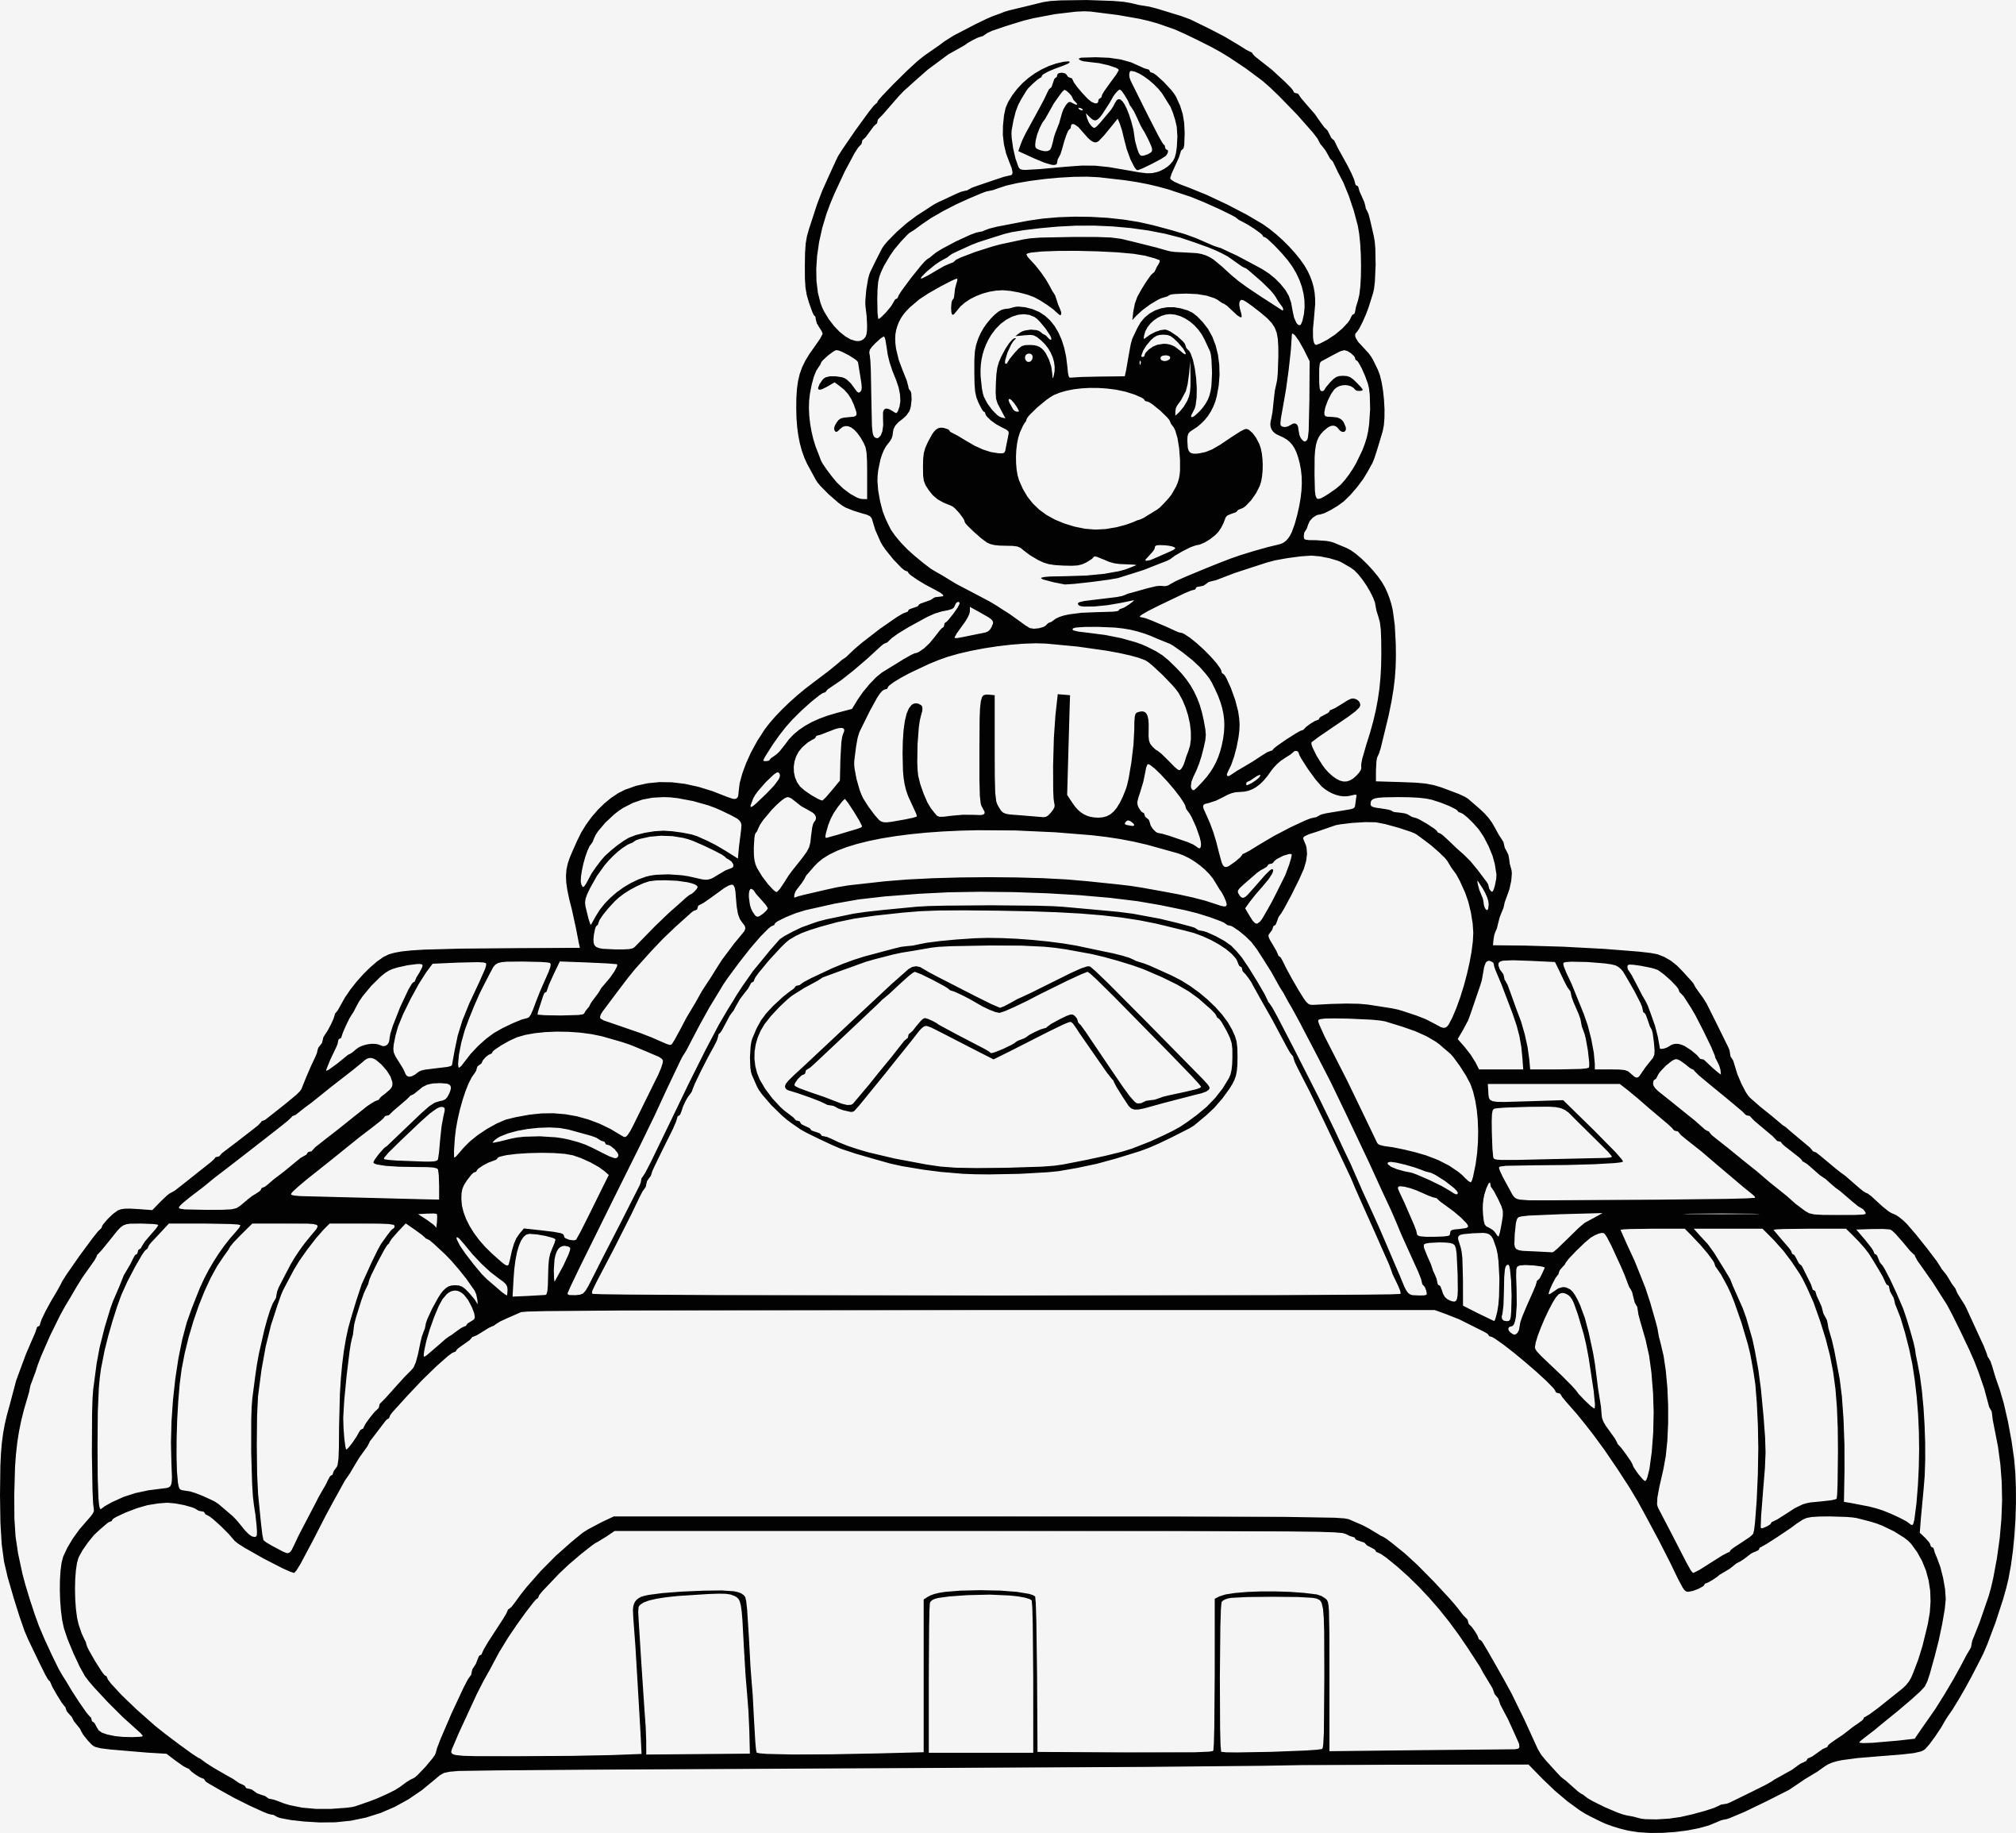 Mario Zum Ausmalen Frisch Beispielbilder Färben Malvorlagen Mario Kostenlos Sammlung